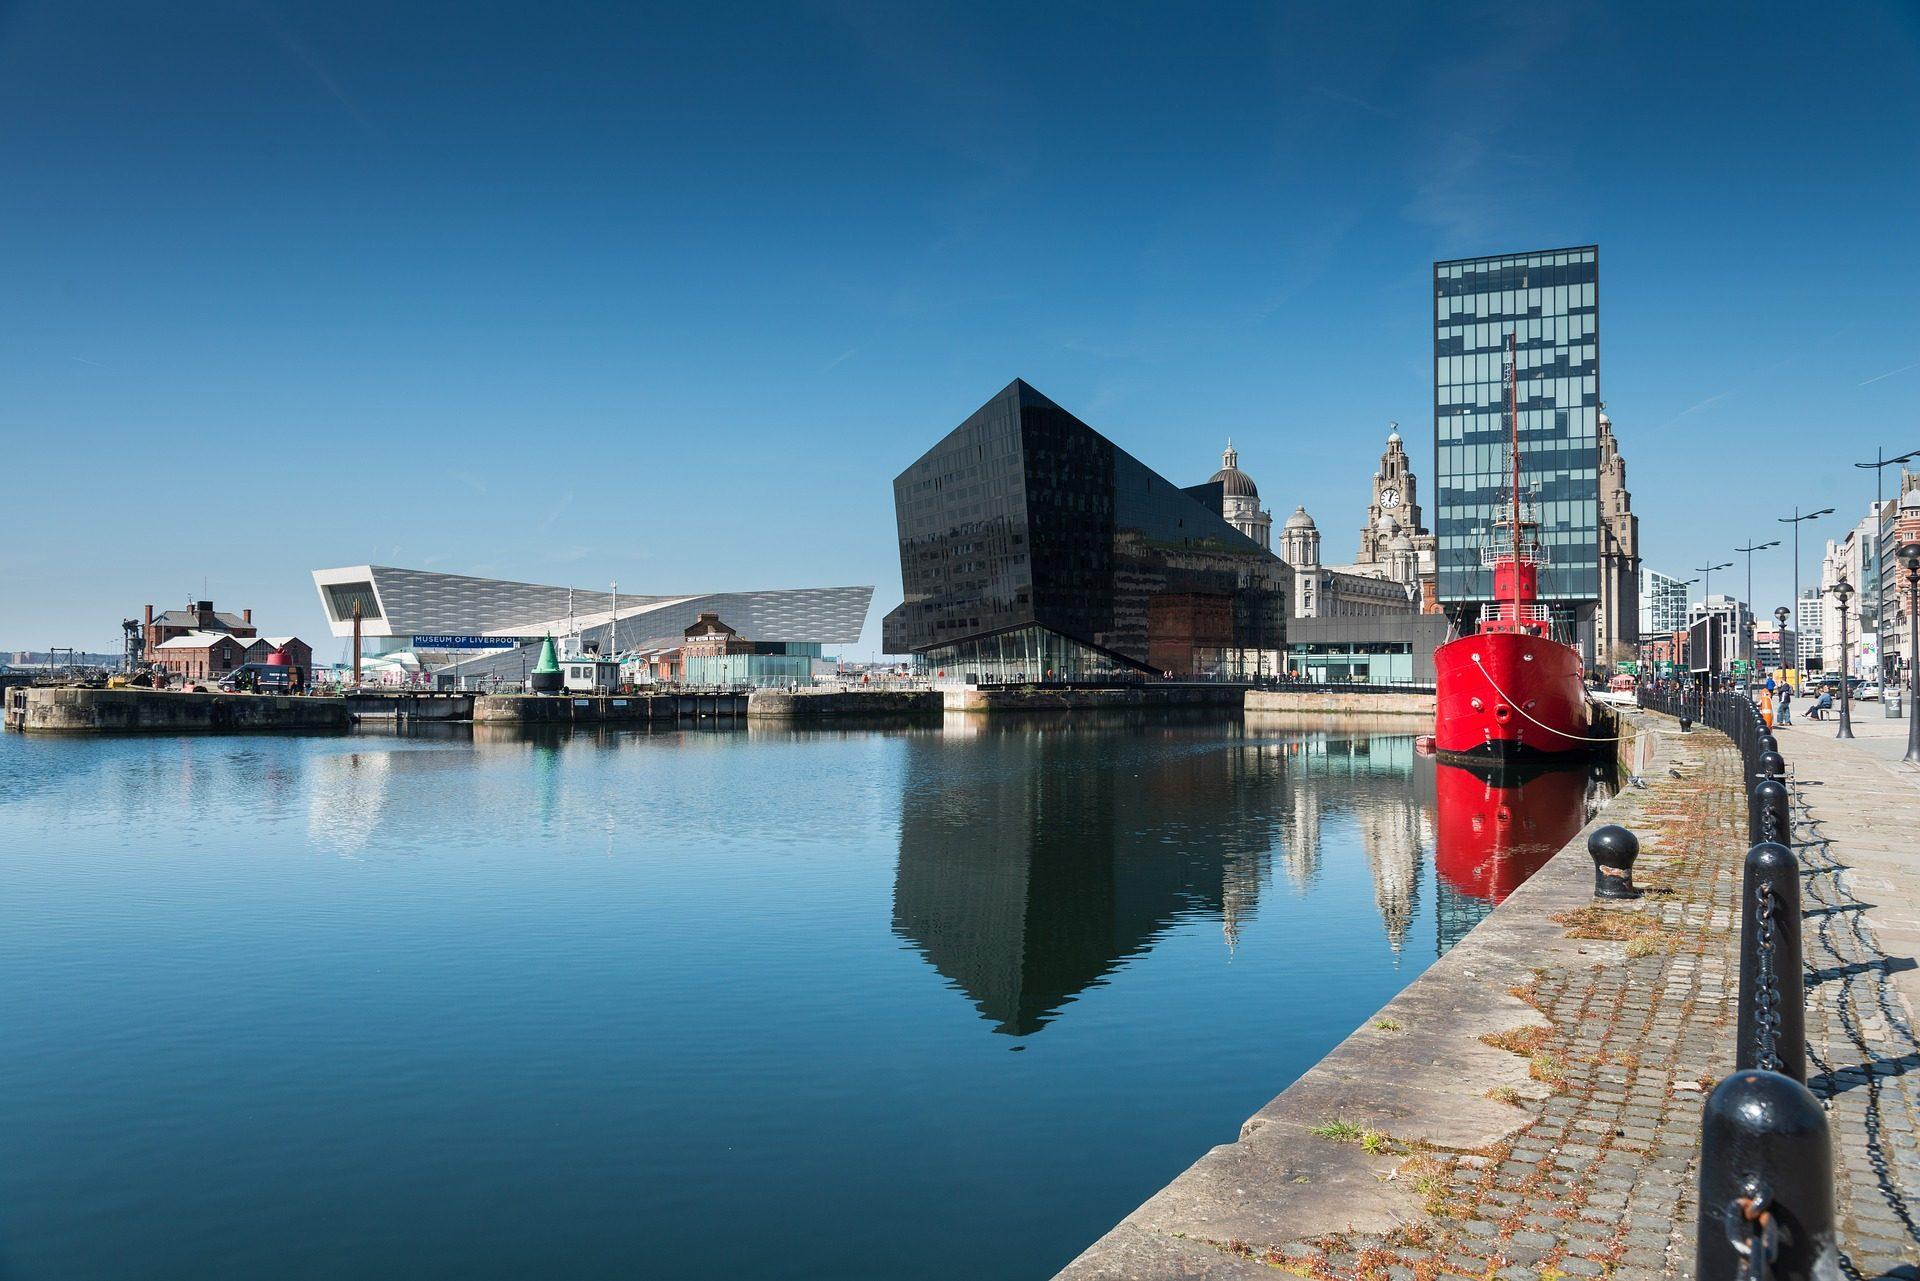 Πόλη, κτίρια, Λιμάνι, βάρκα, νερό, αρχιτεκτονική, liverpool - Wallpapers HD - Professor-falken.com